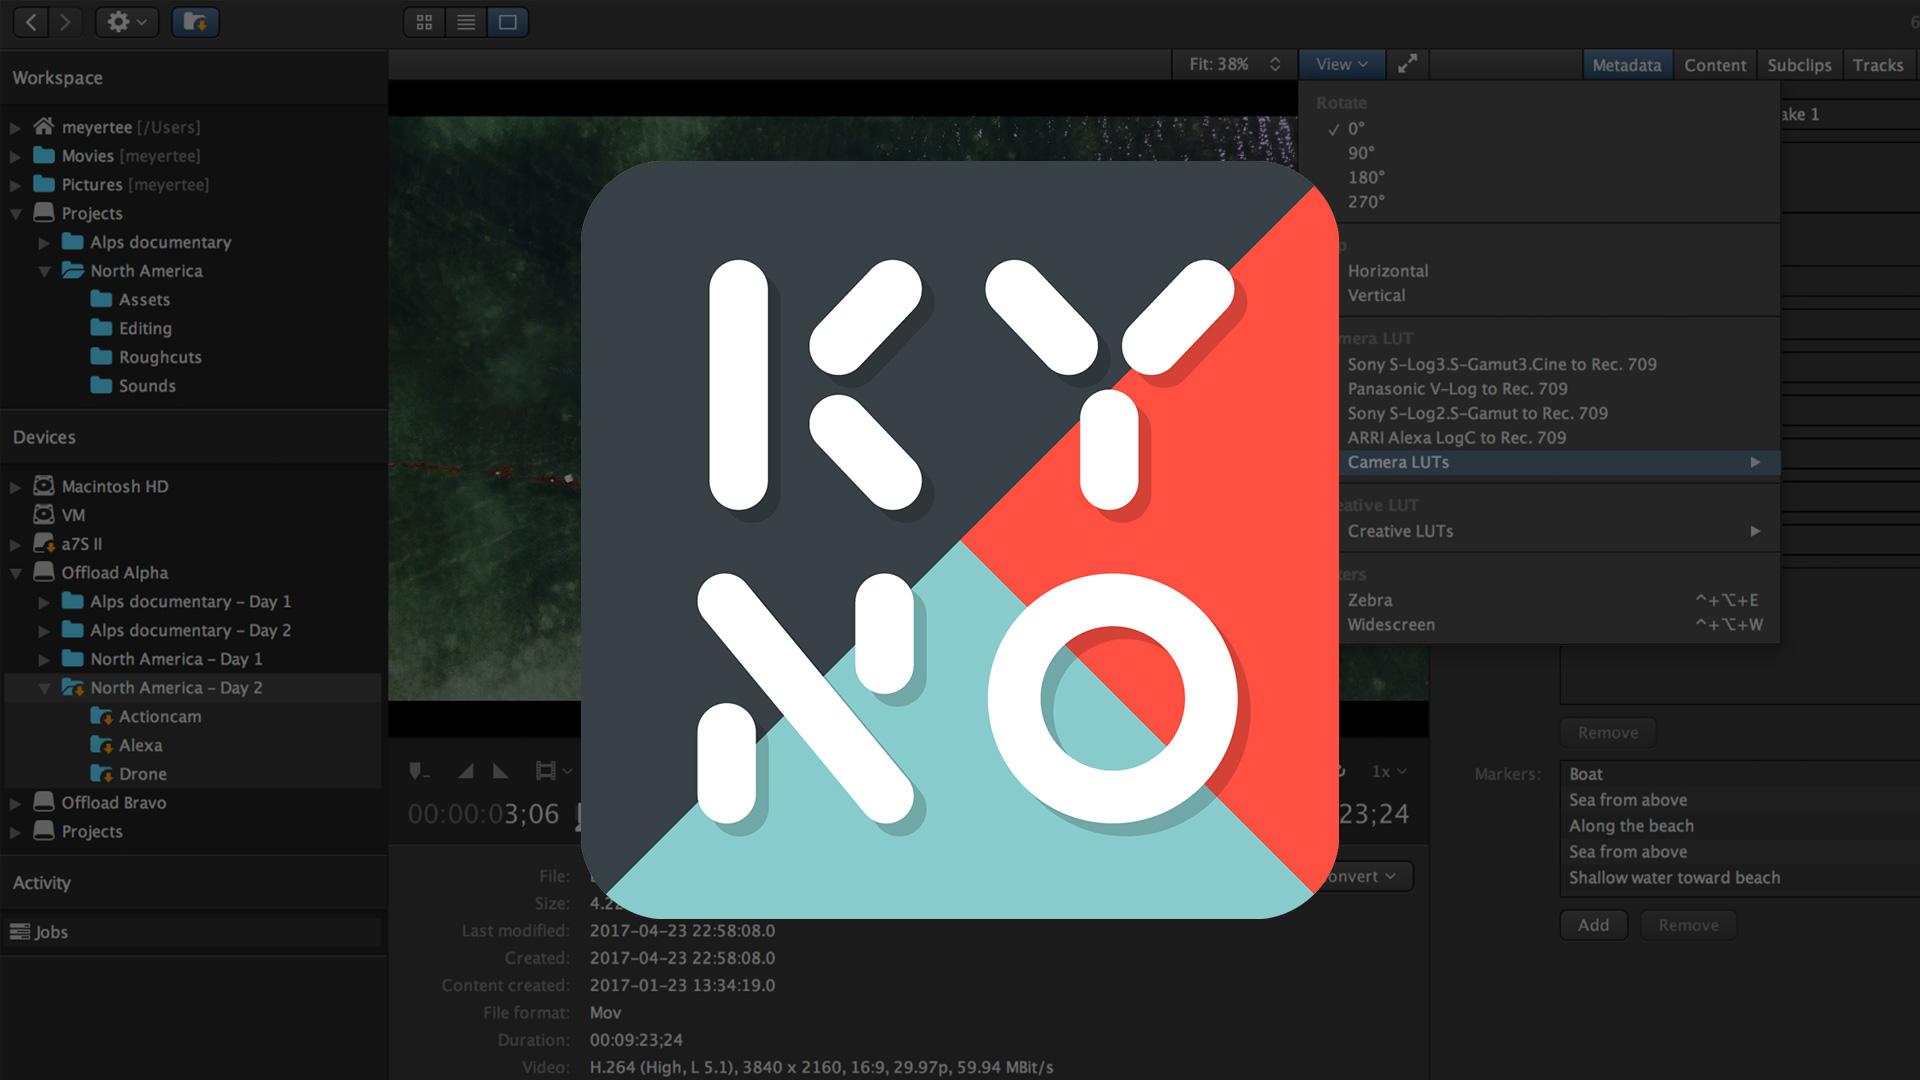 Kynoが映像クリエーターをサポートするフリーライセンスを提供